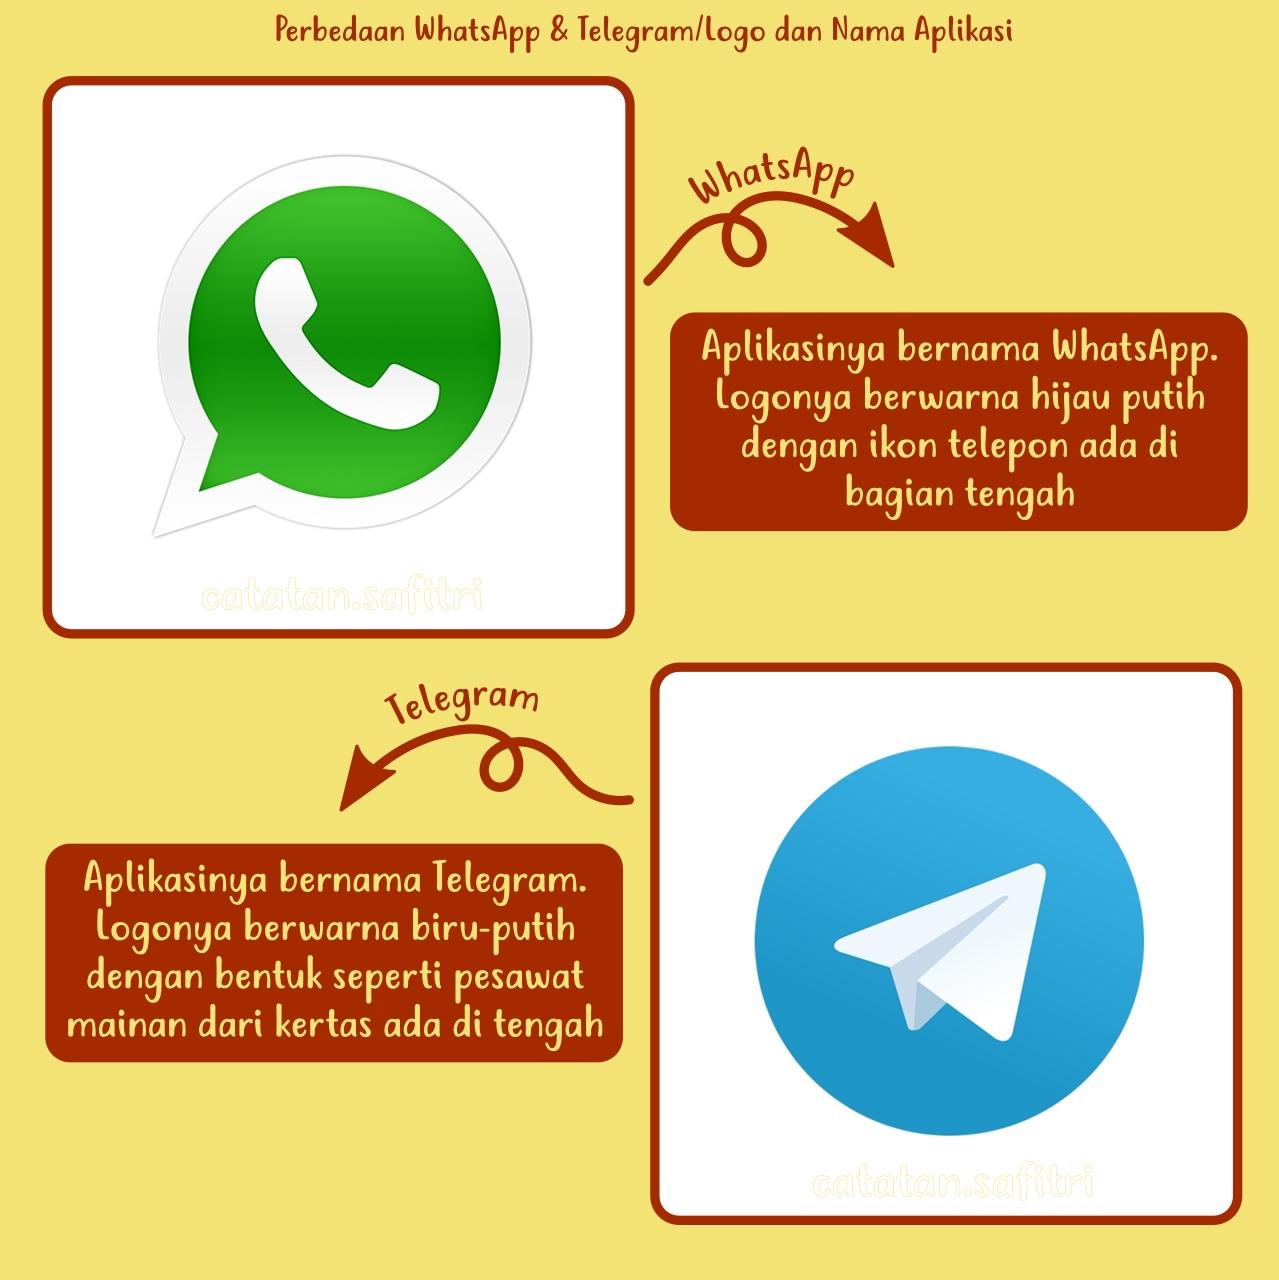 5 Hal Yang Membedakan Telegram Dan WhatsApp - Part 1